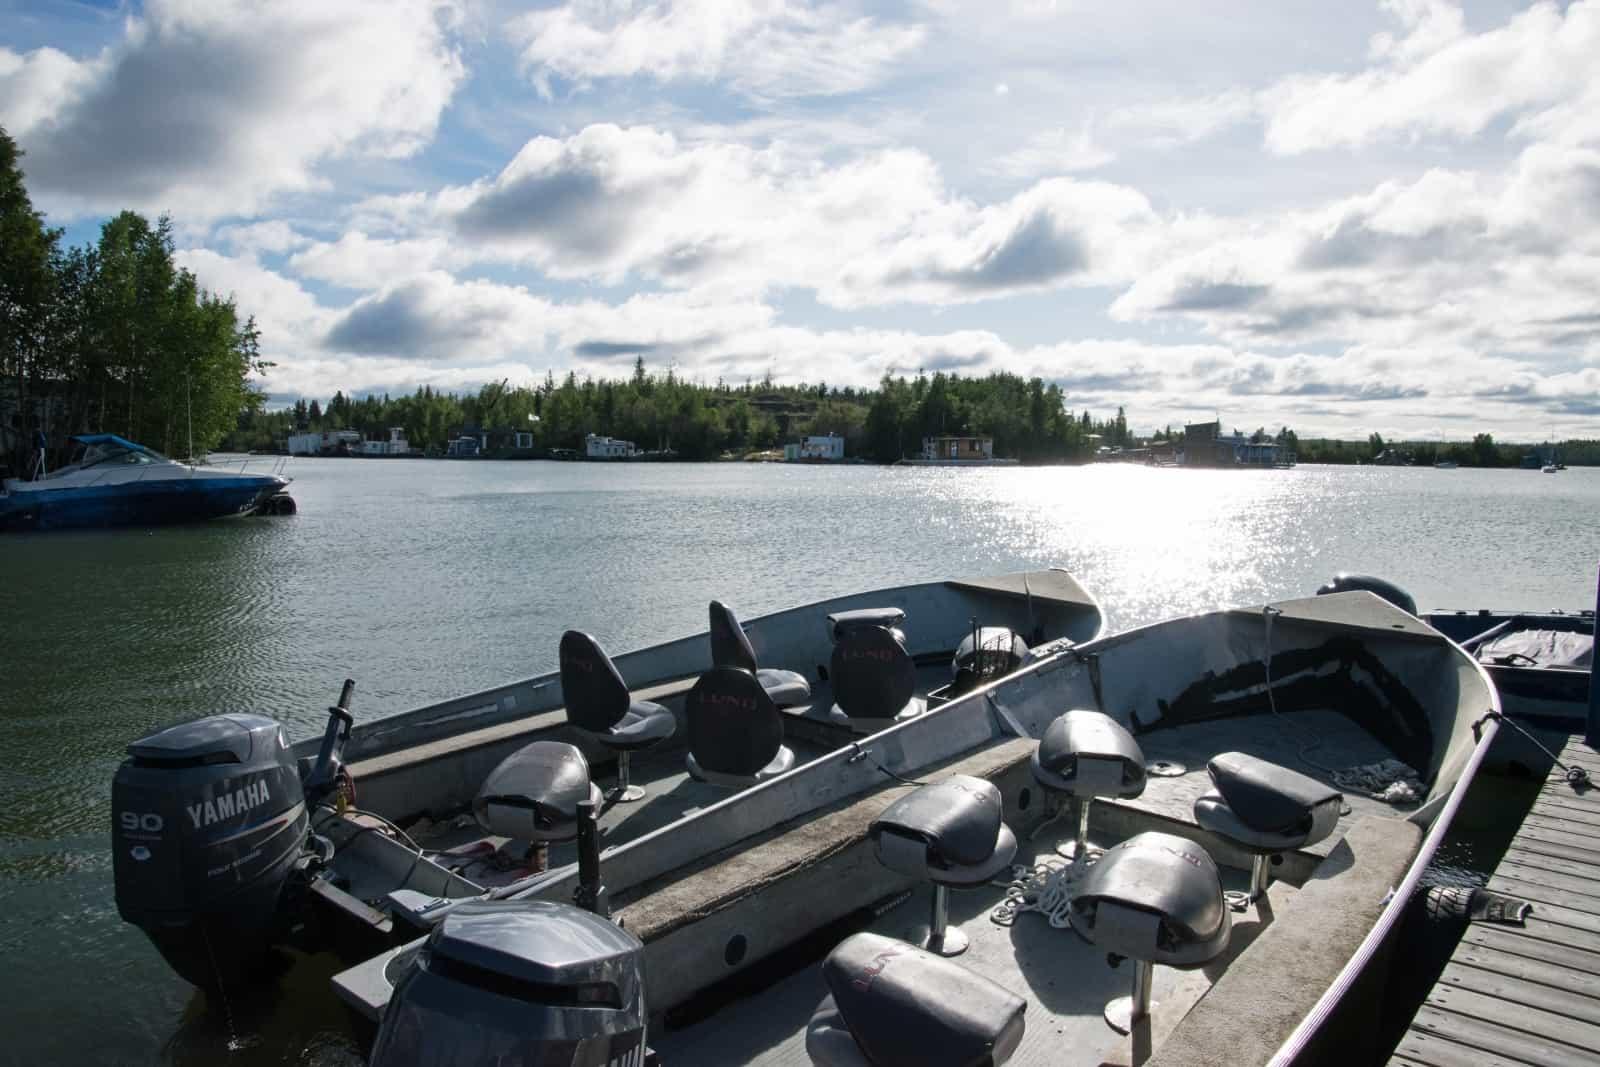 Auf geht's zu einer Bootstour mit Yellowknife Outdoor Adventures auf den Great Slave Lake. Bootsführer Carlos weiss eine Menge zu erzählen. Einfach spannend. Foto Daniela Ganz